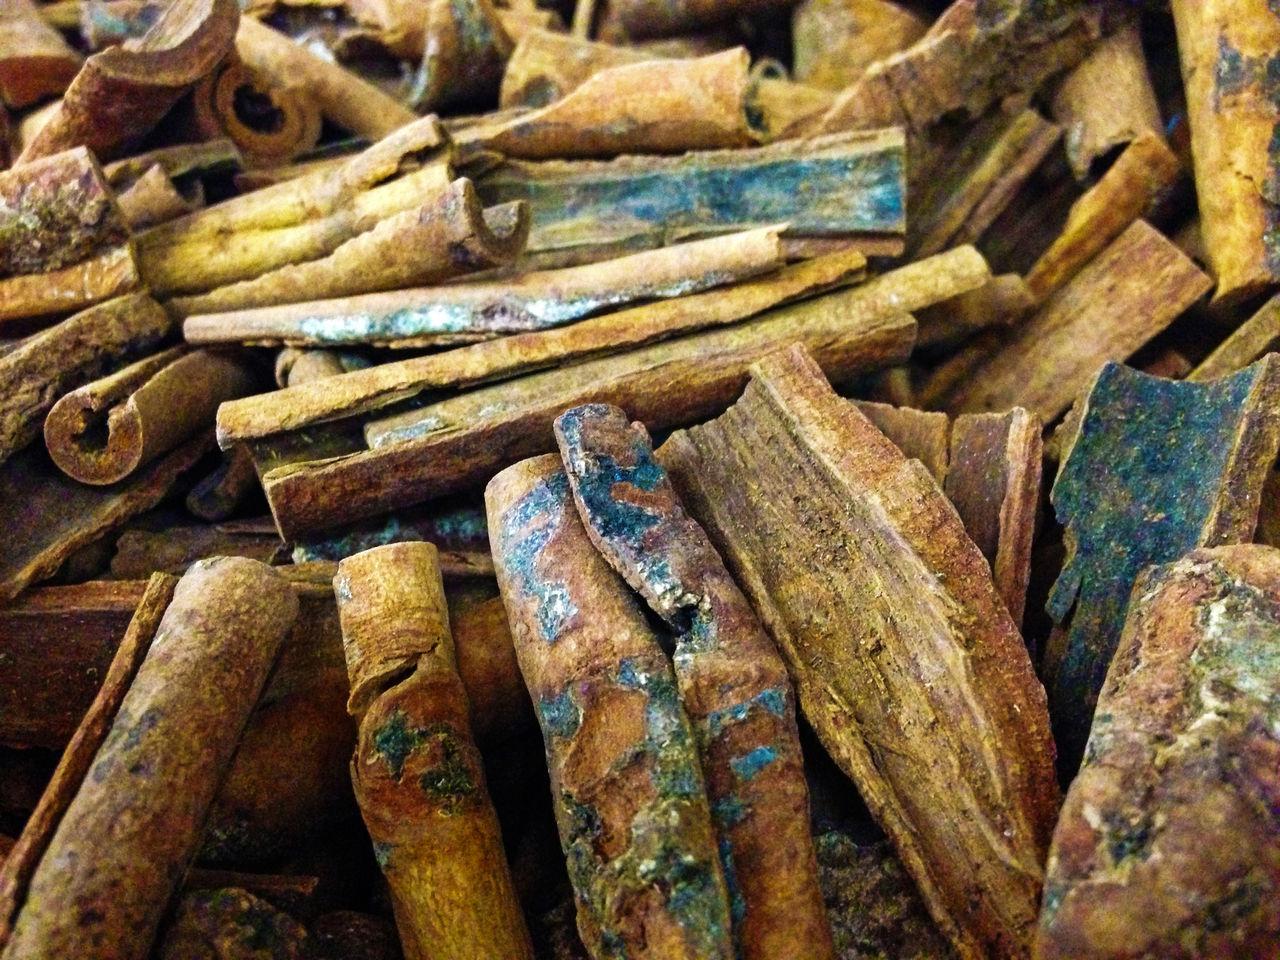 Full Frame Shot Of Cinnamons For Sale At Market Stall